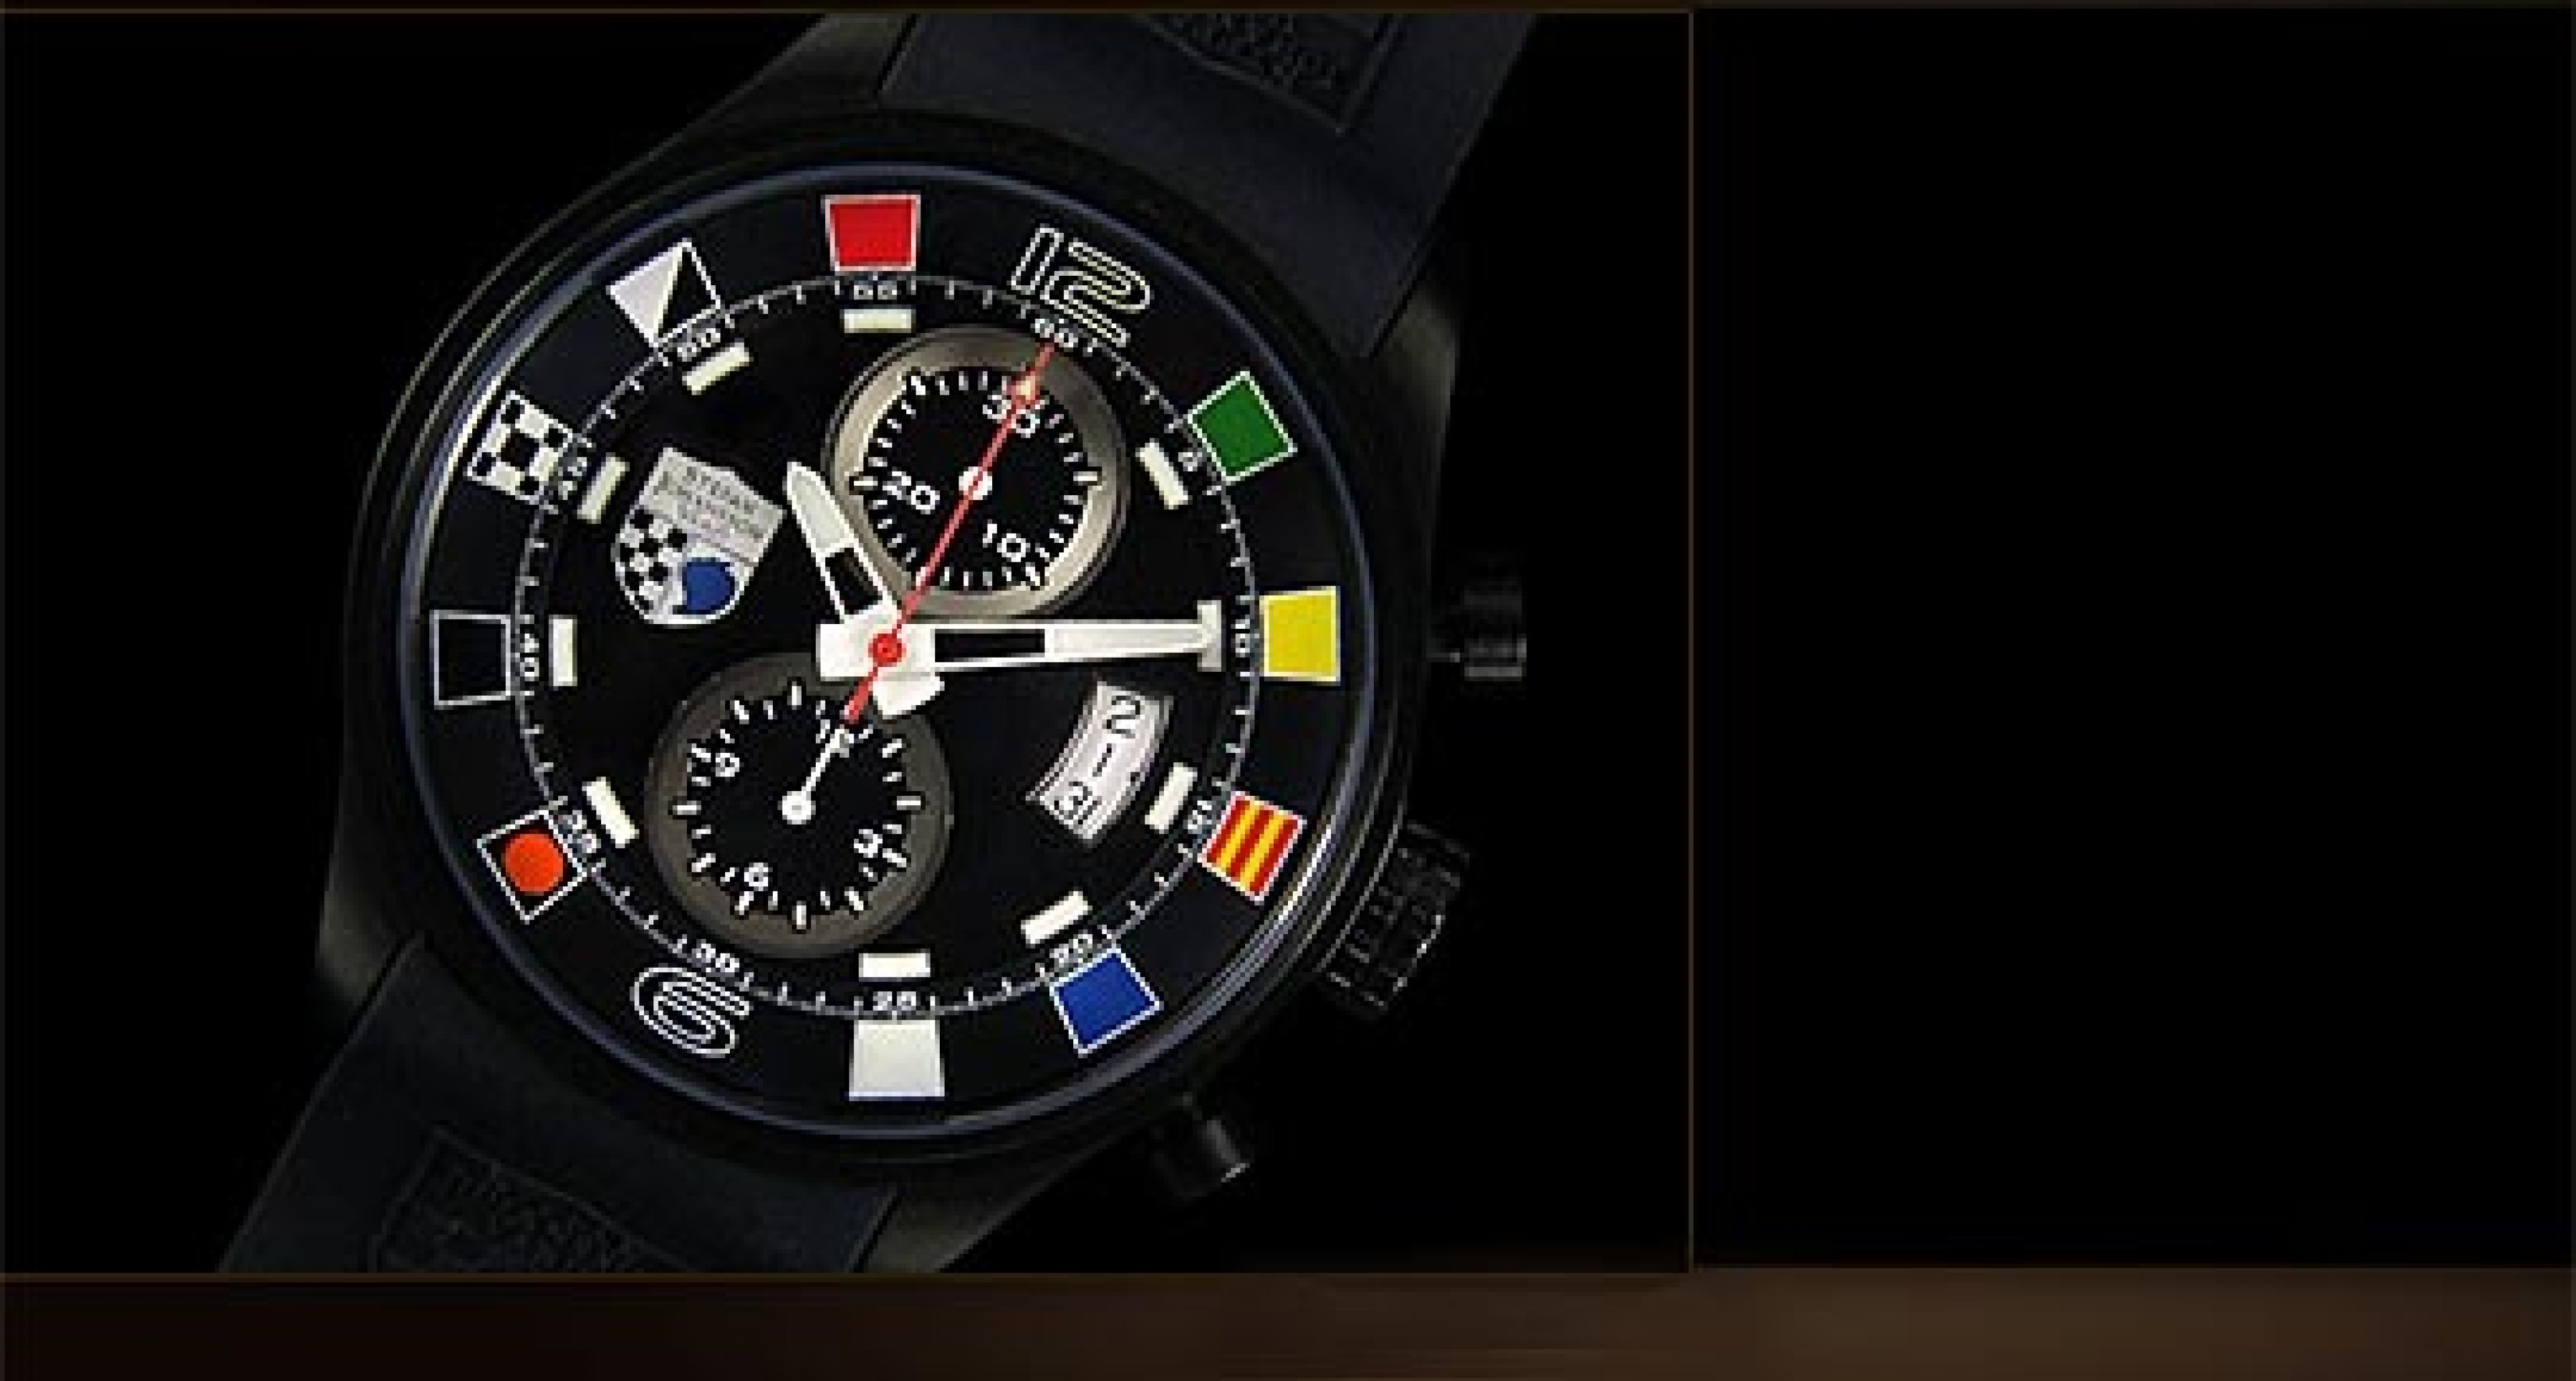 Stefan Johansson: Racing Driver... Watch Maker